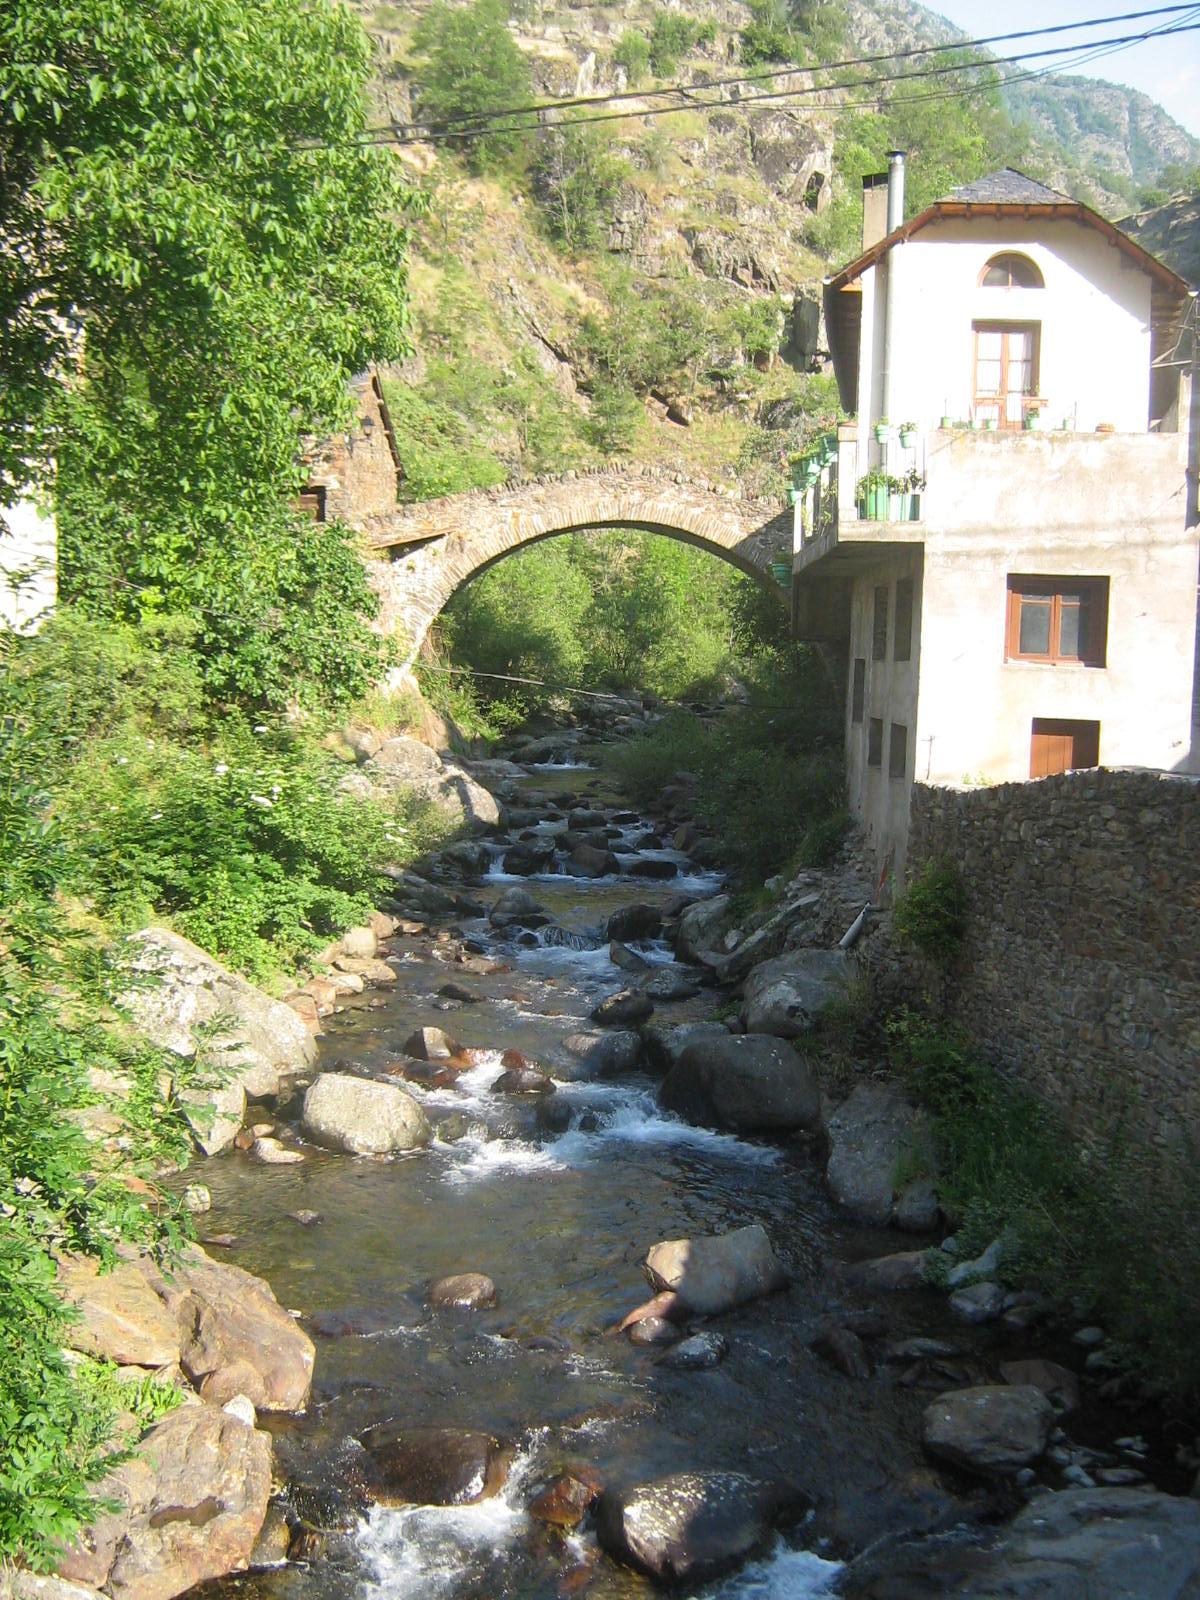 09-07-03 244 Puente románico en Tavascán